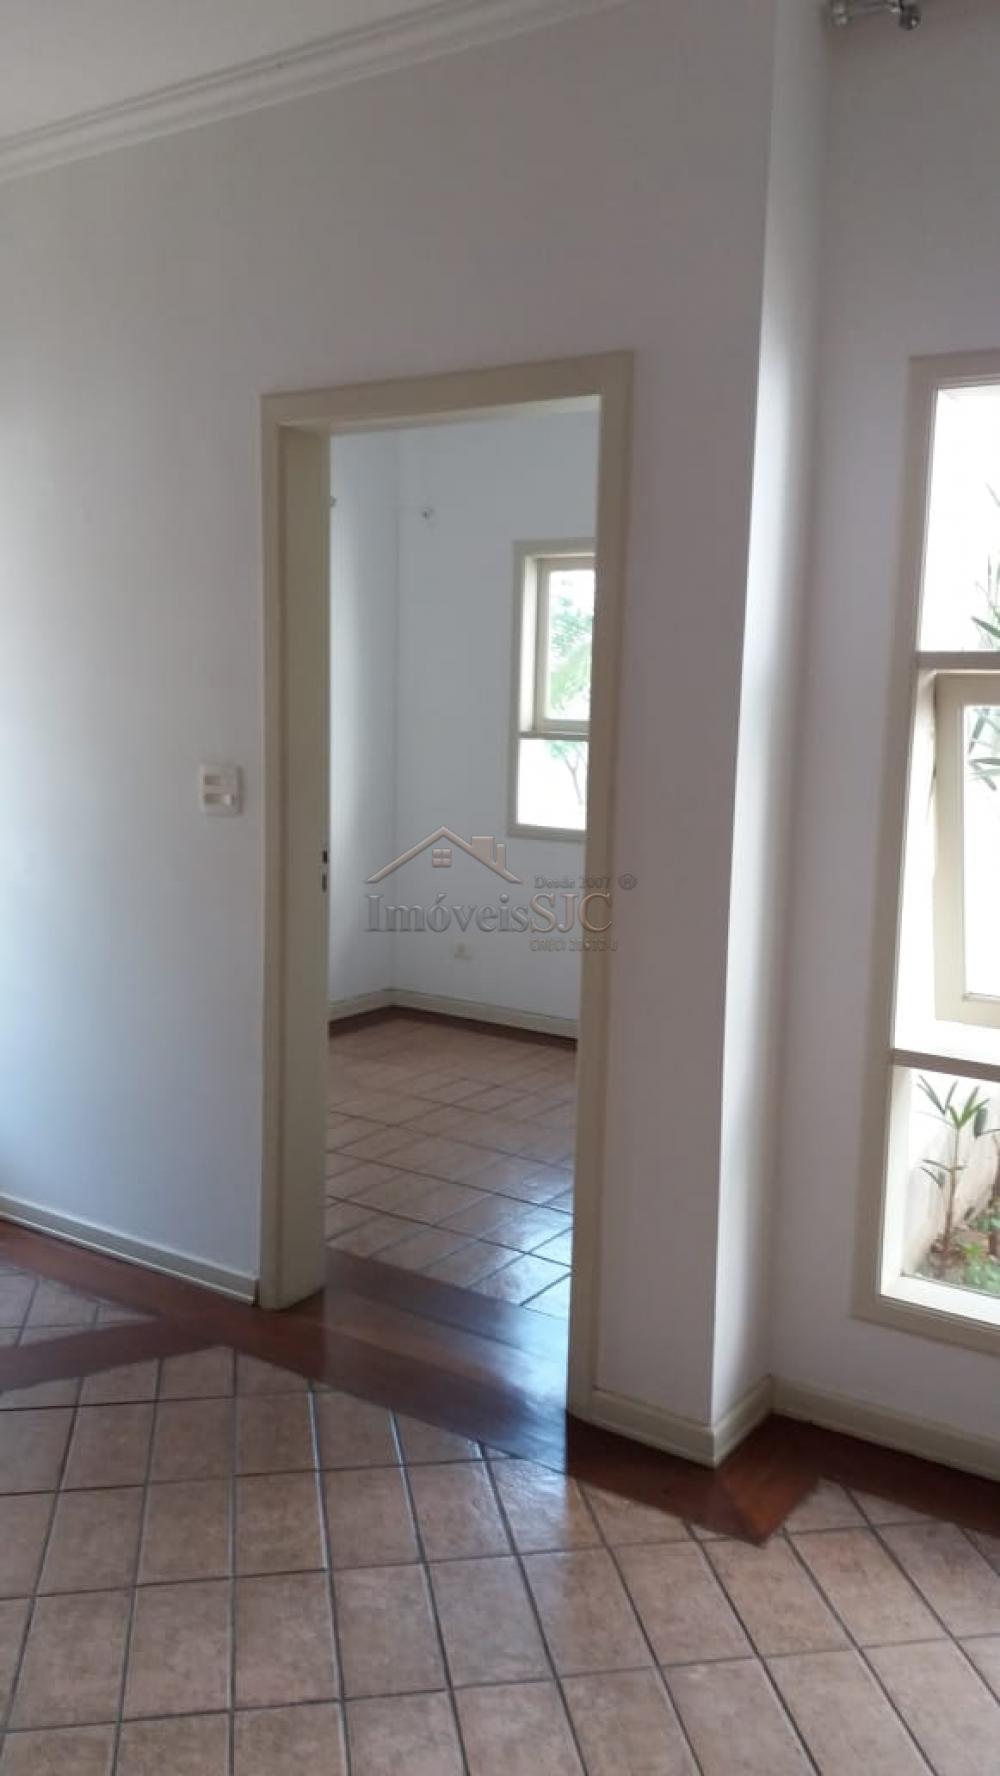 Comprar Casas / Condomínio em São José dos Campos apenas R$ 1.500.000,00 - Foto 3